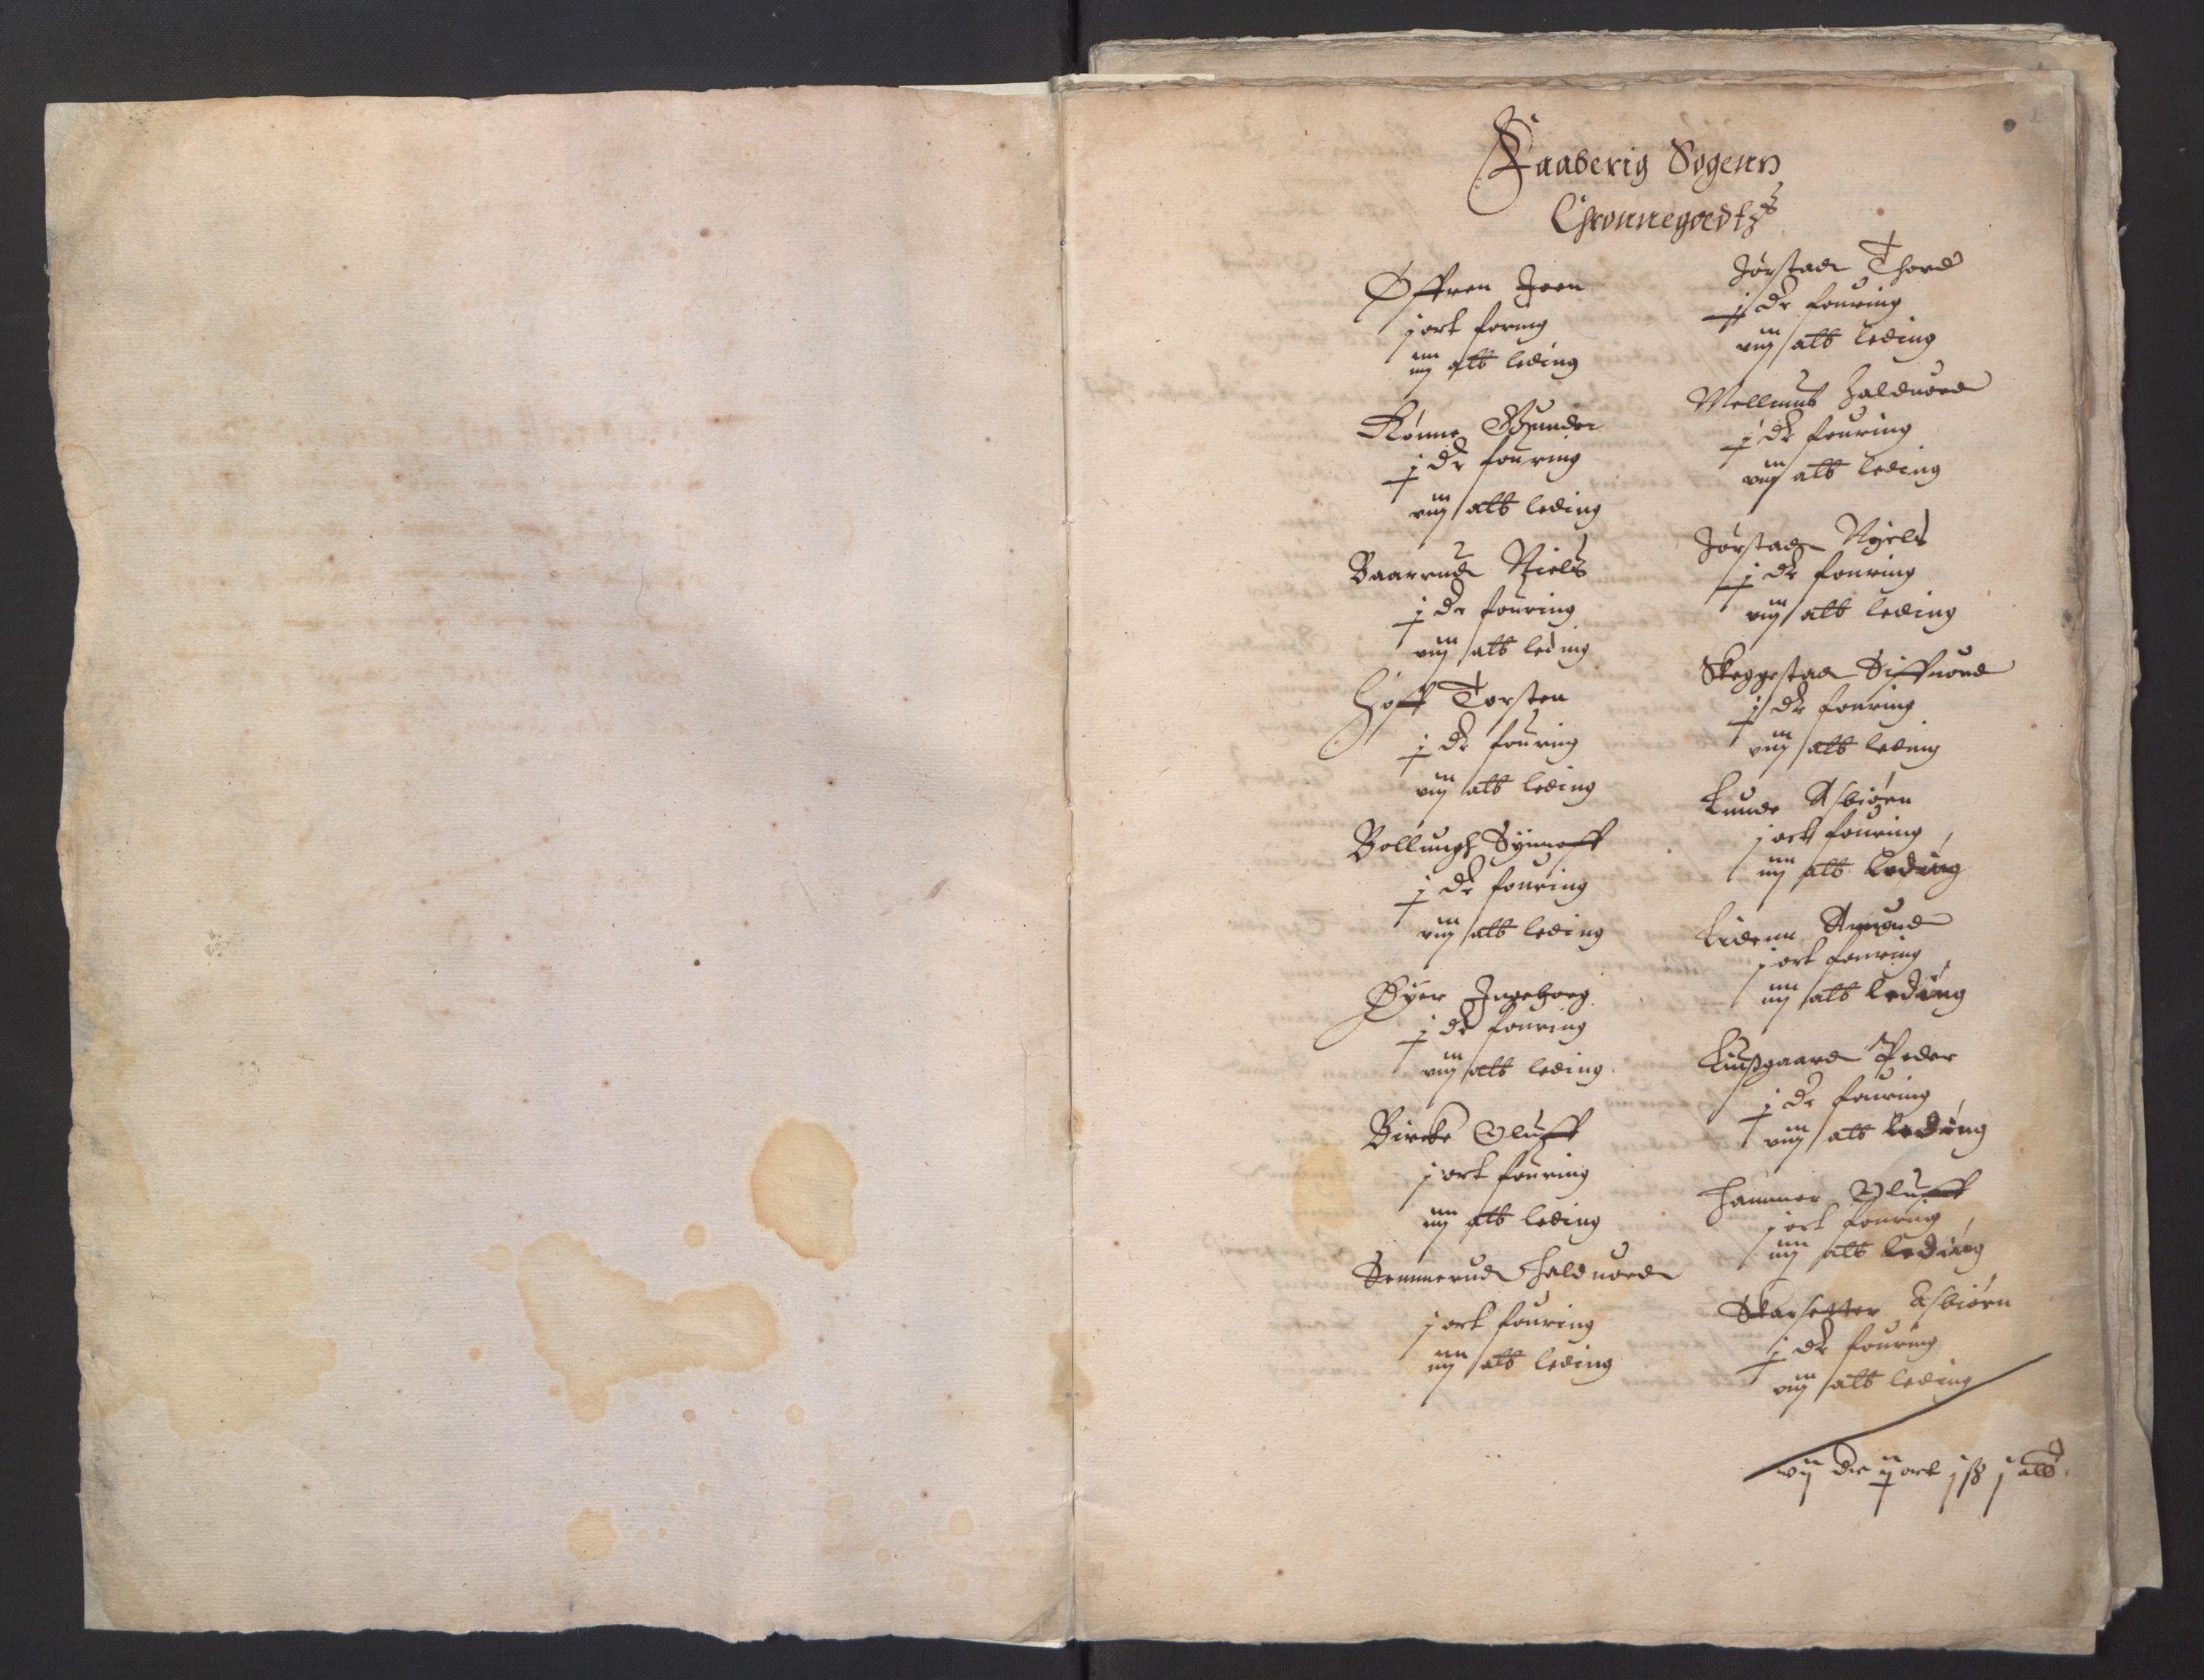 RA, Stattholderembetet 1572-1771, Ek/L0001: Jordebøker før 1624 og til utligning av garnisonsskatt 1624-1626:, 1624-1625, s. 3